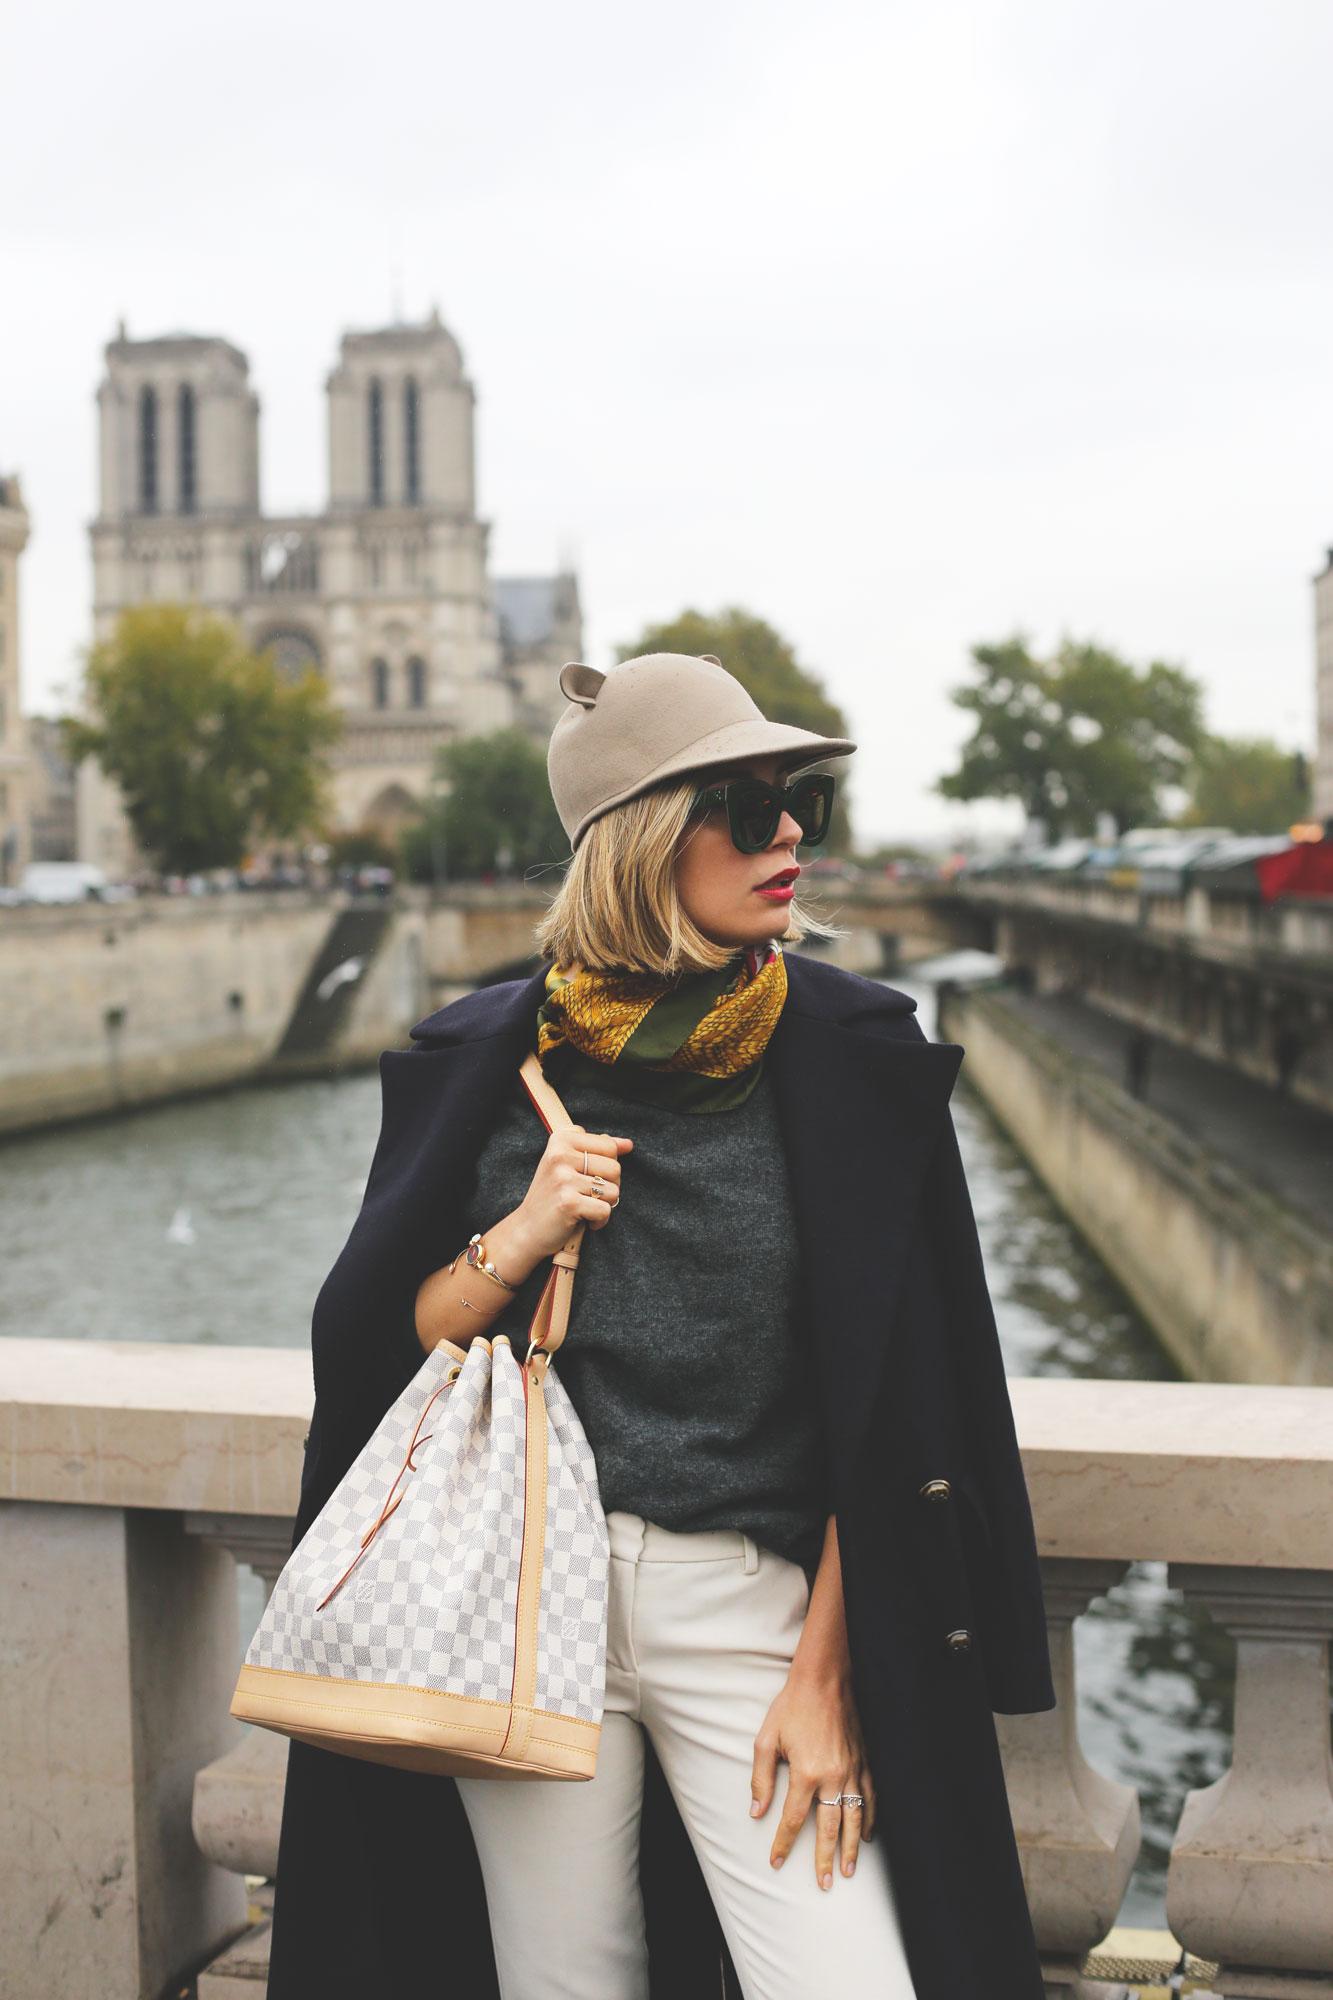 sombreros de orejas en Paris